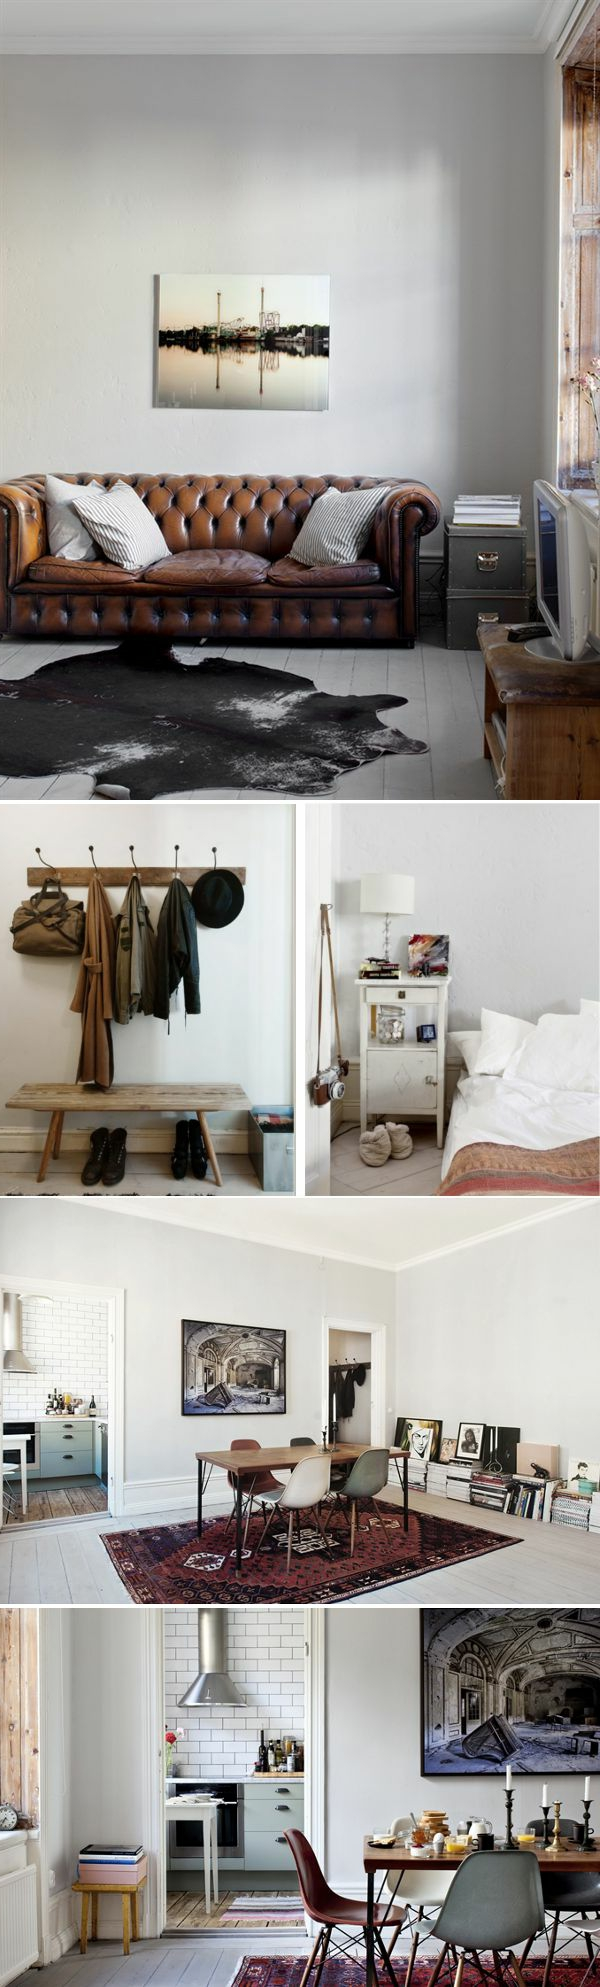 Maison pas chere a renover good maison pas chere a for Salle de bains pas chere